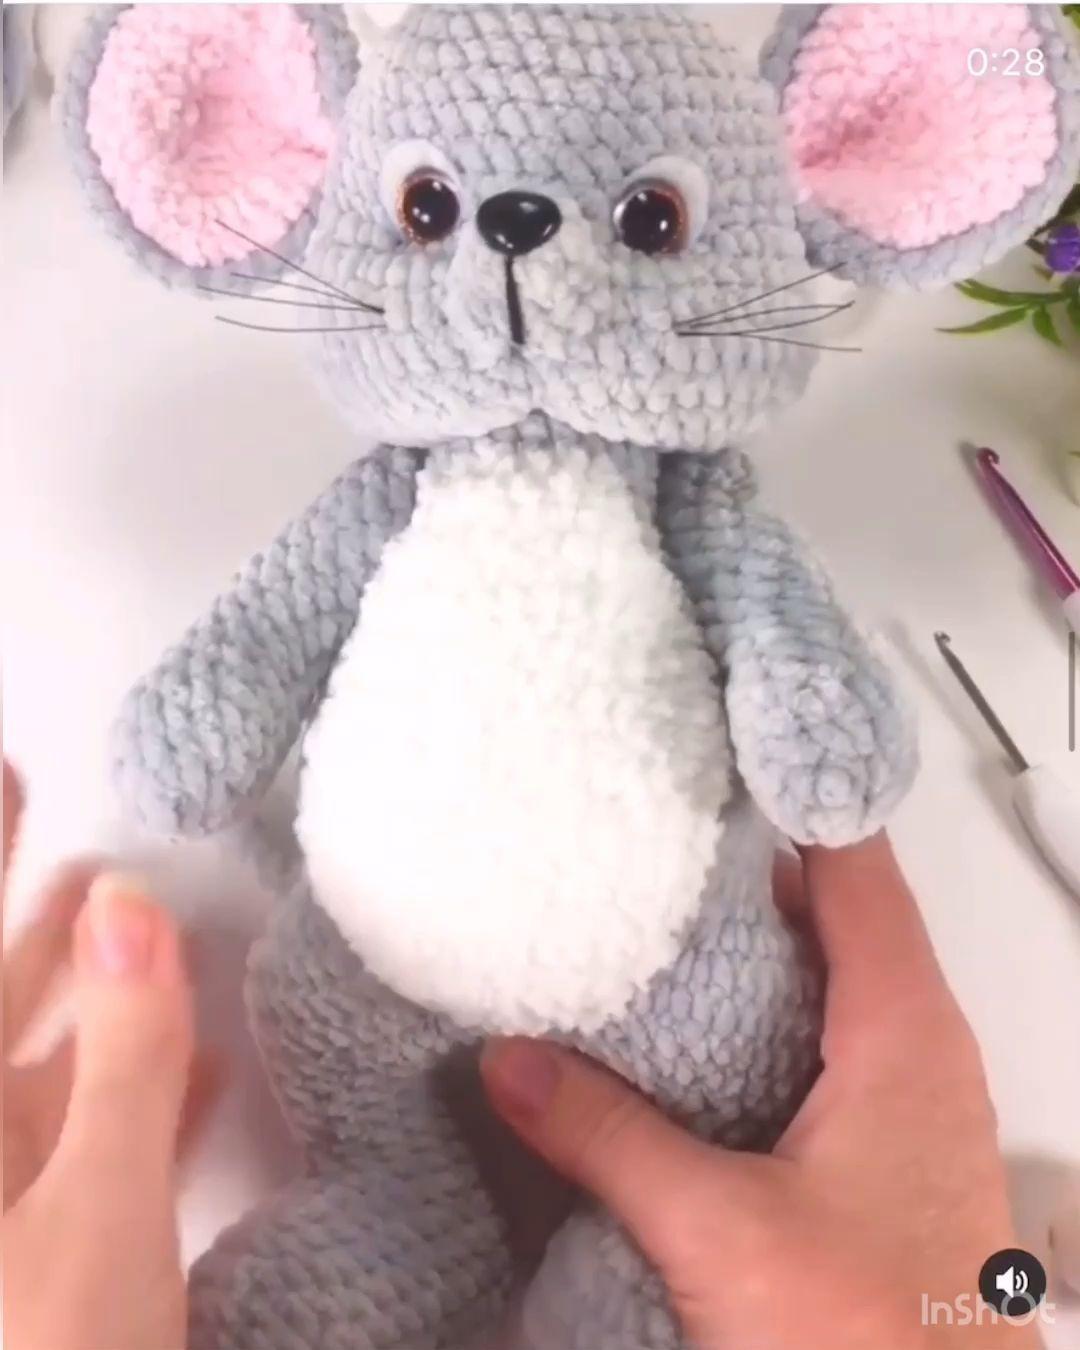 Toy knitting pattern Amigurumi cat pattern Tutorial toy Kawaii ... | 1350x1080